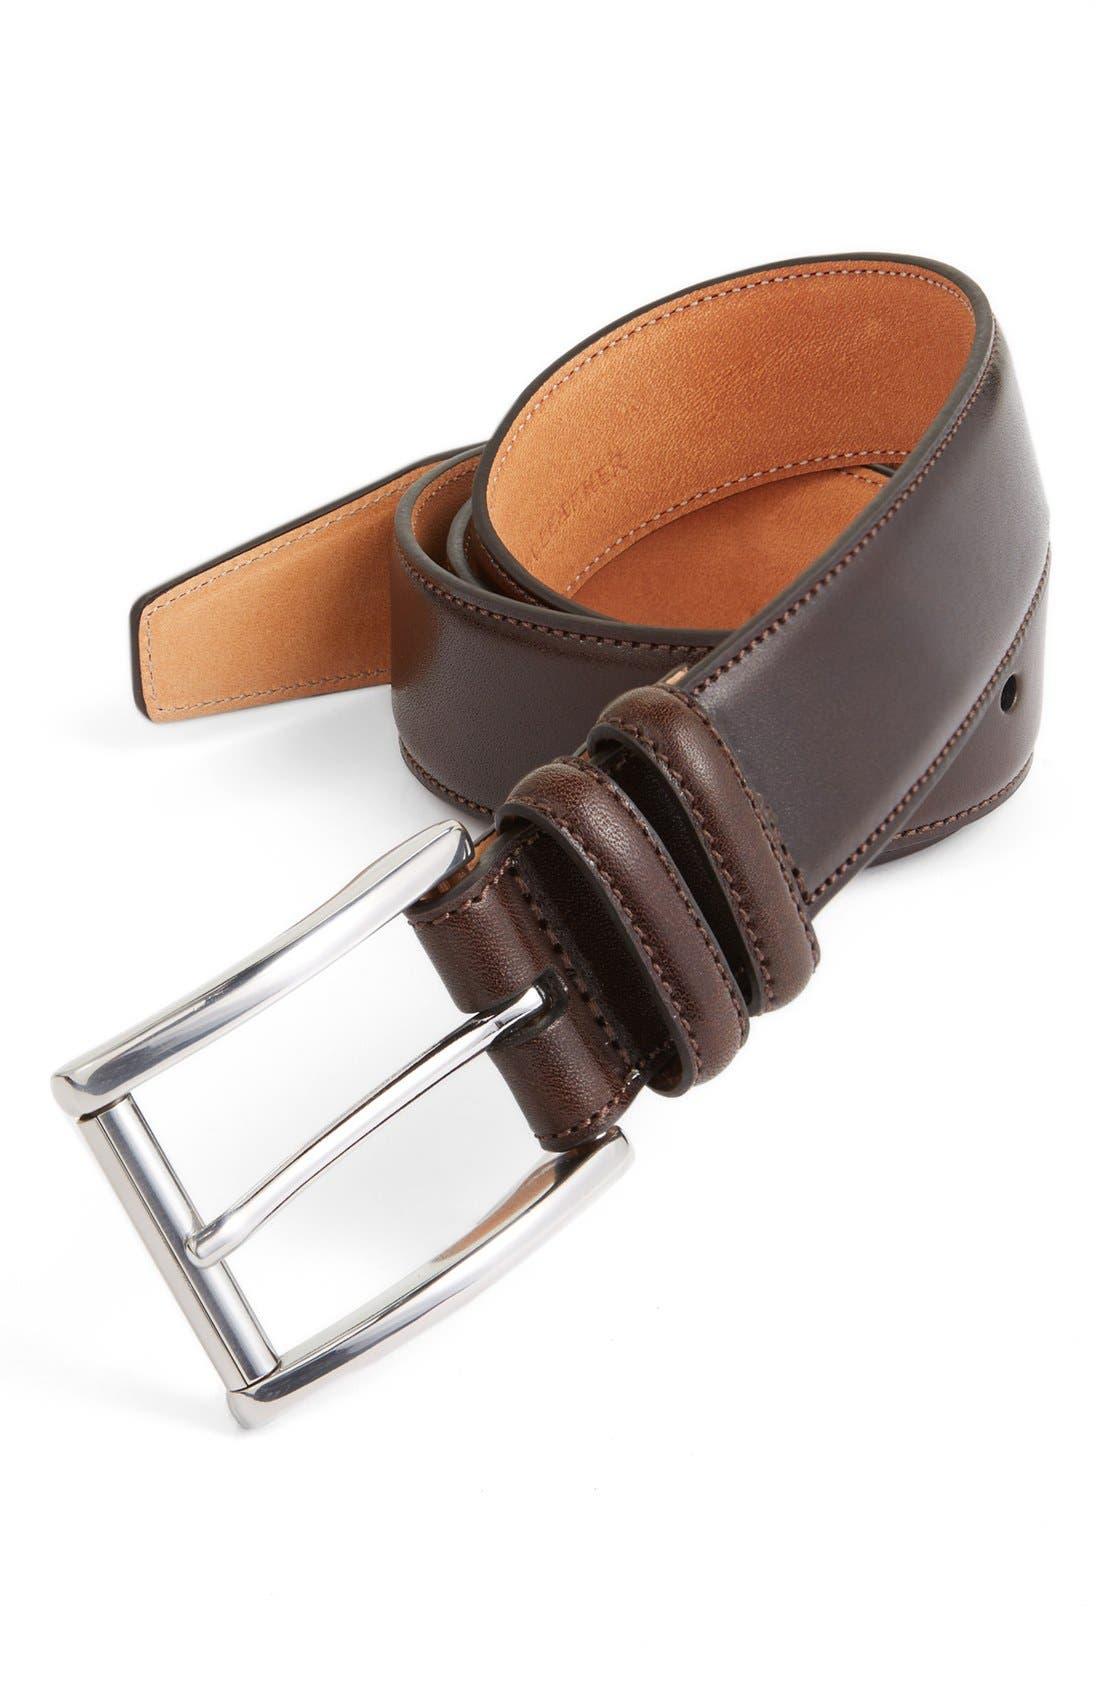 Alternate Image 1 Selected - Trafalgar 'Lorenzo' Leather Belt